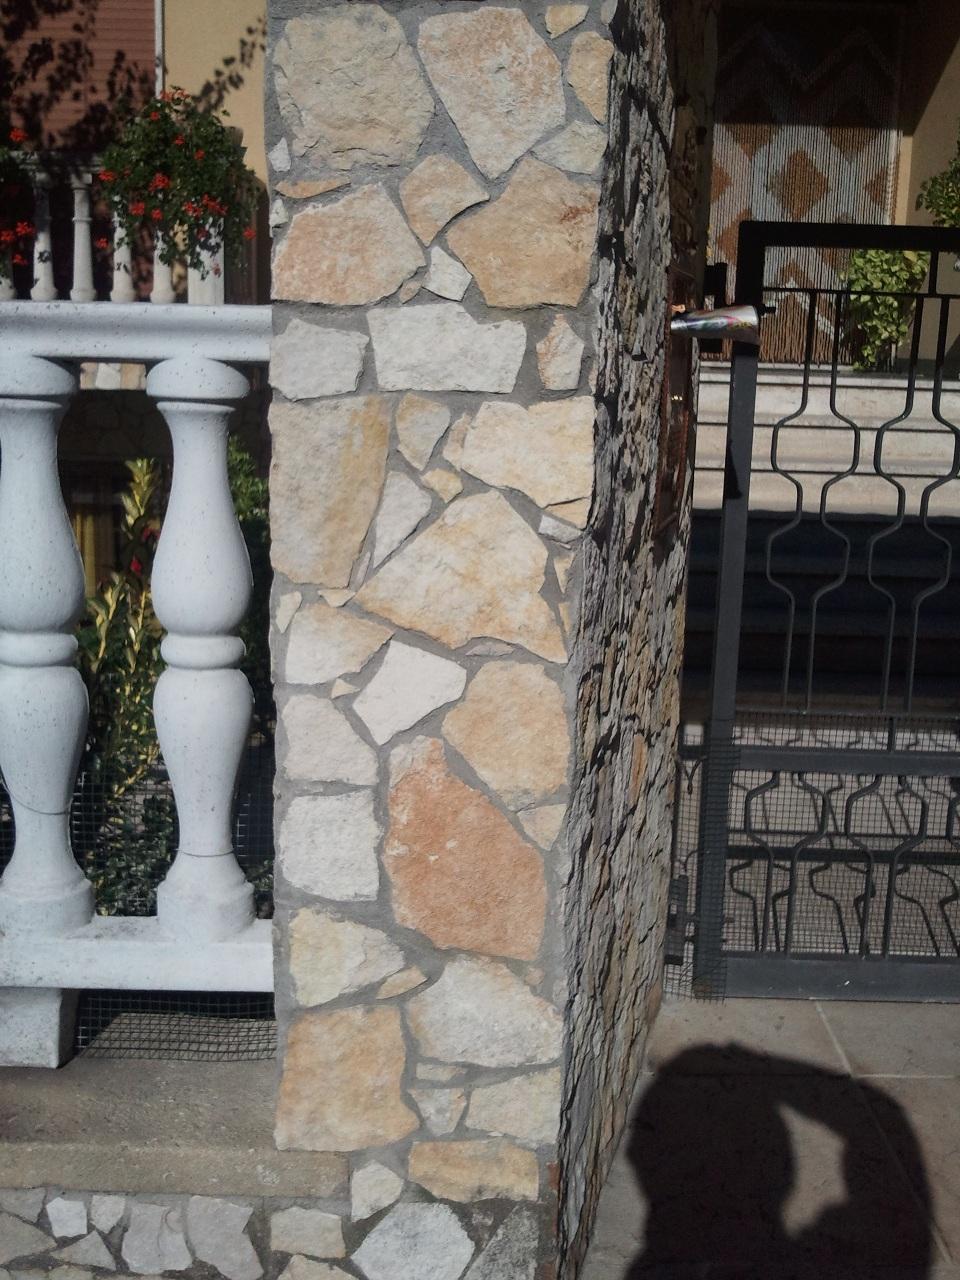 Zem enrico marmi prezzi sassi rivestimento muri super convenienti prezzo pietre da esterno - Pietra da interno su muro ...